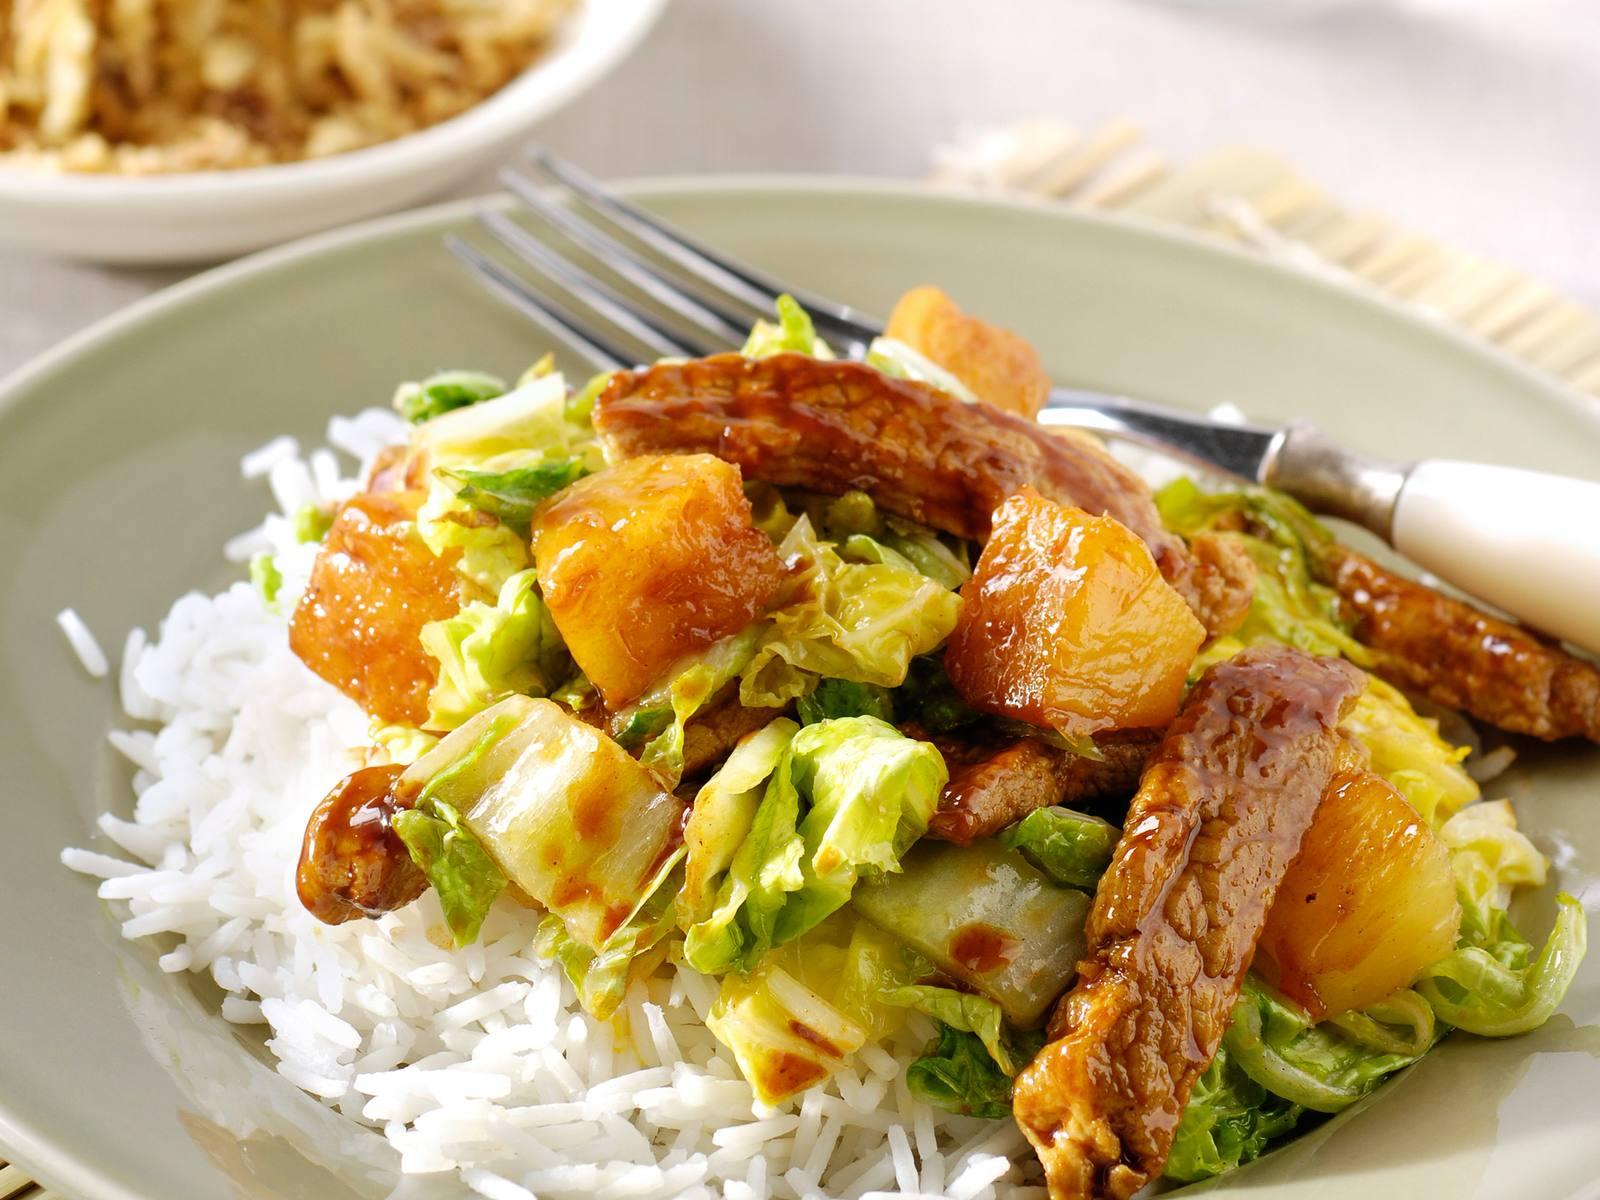 Hoisin vleesreepjes met Chinese kool en ananas